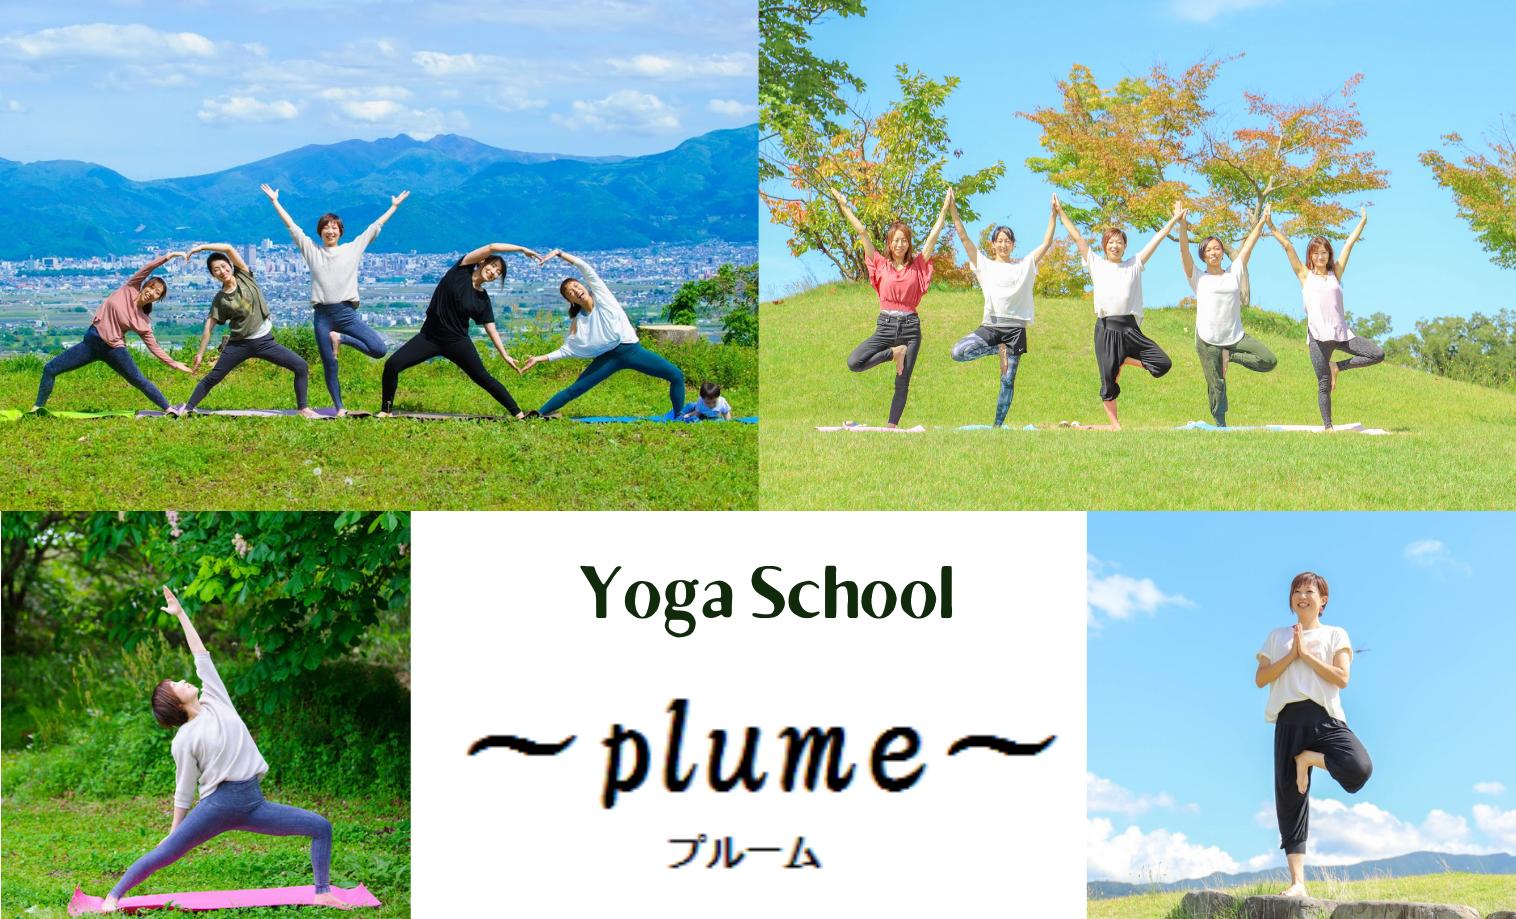 plume〜プルーム〜の画像